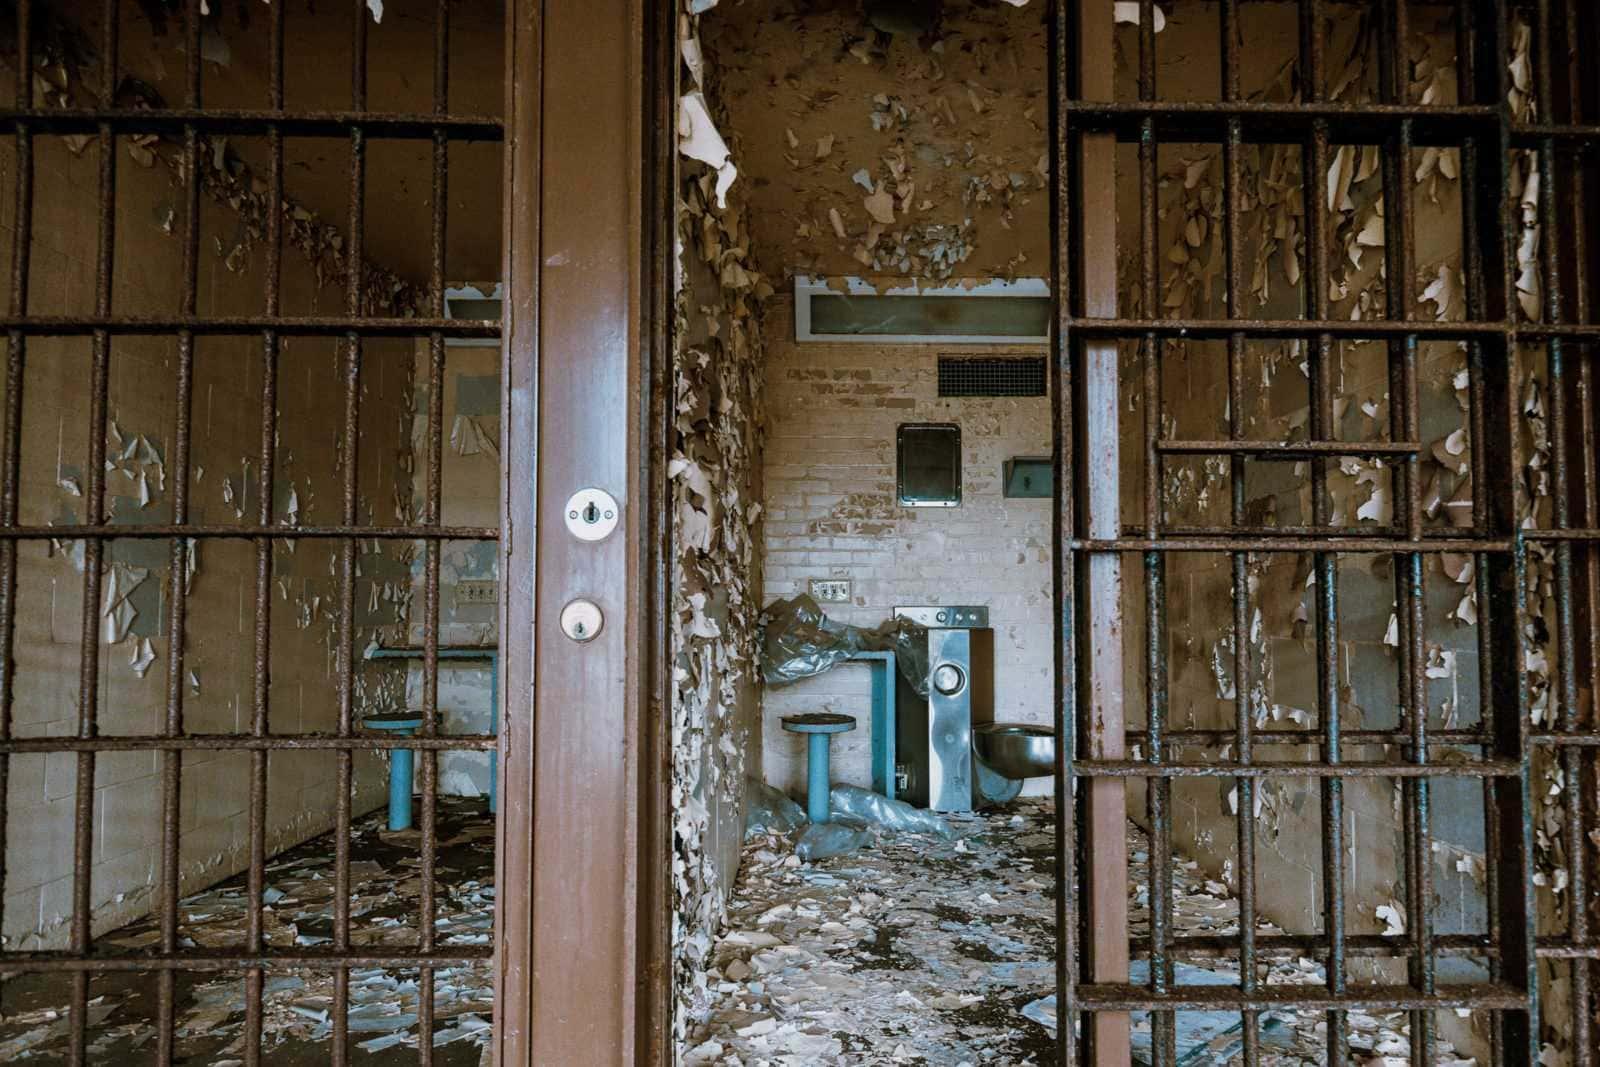 alte zelle in der old joliet prison illinois usa